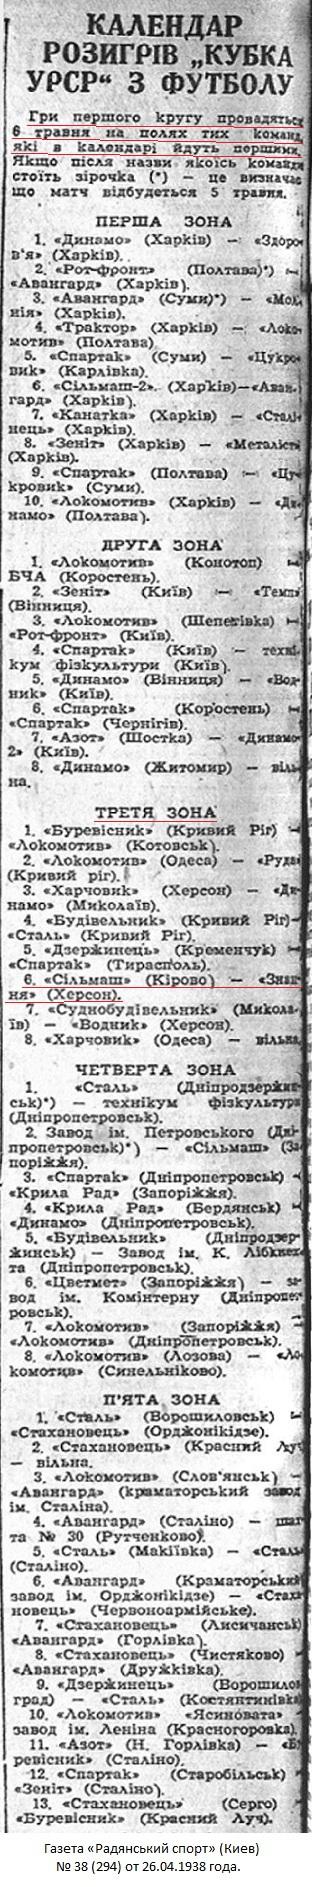 Сельмаш (Кирово) - Знание - педагогический институт (Херсон) 2:1